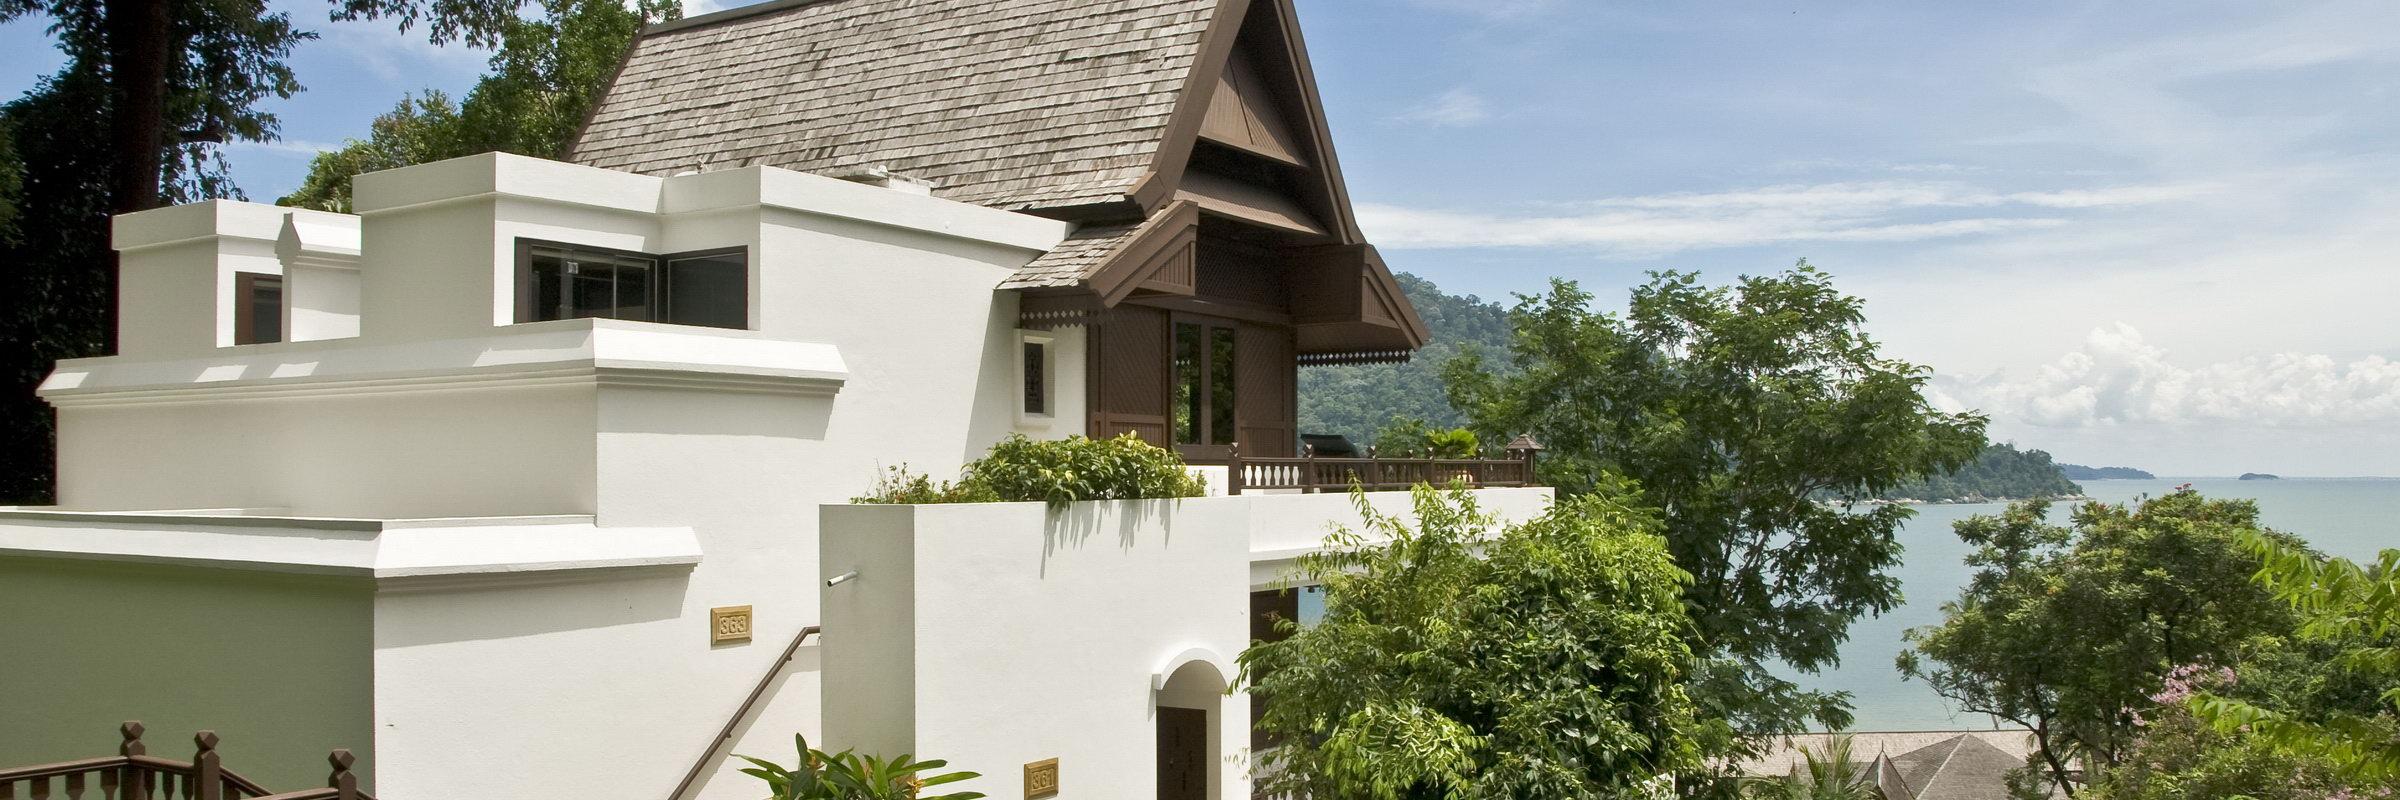 Außenansicht einer Hill Villa im Pangkor Laut Resort